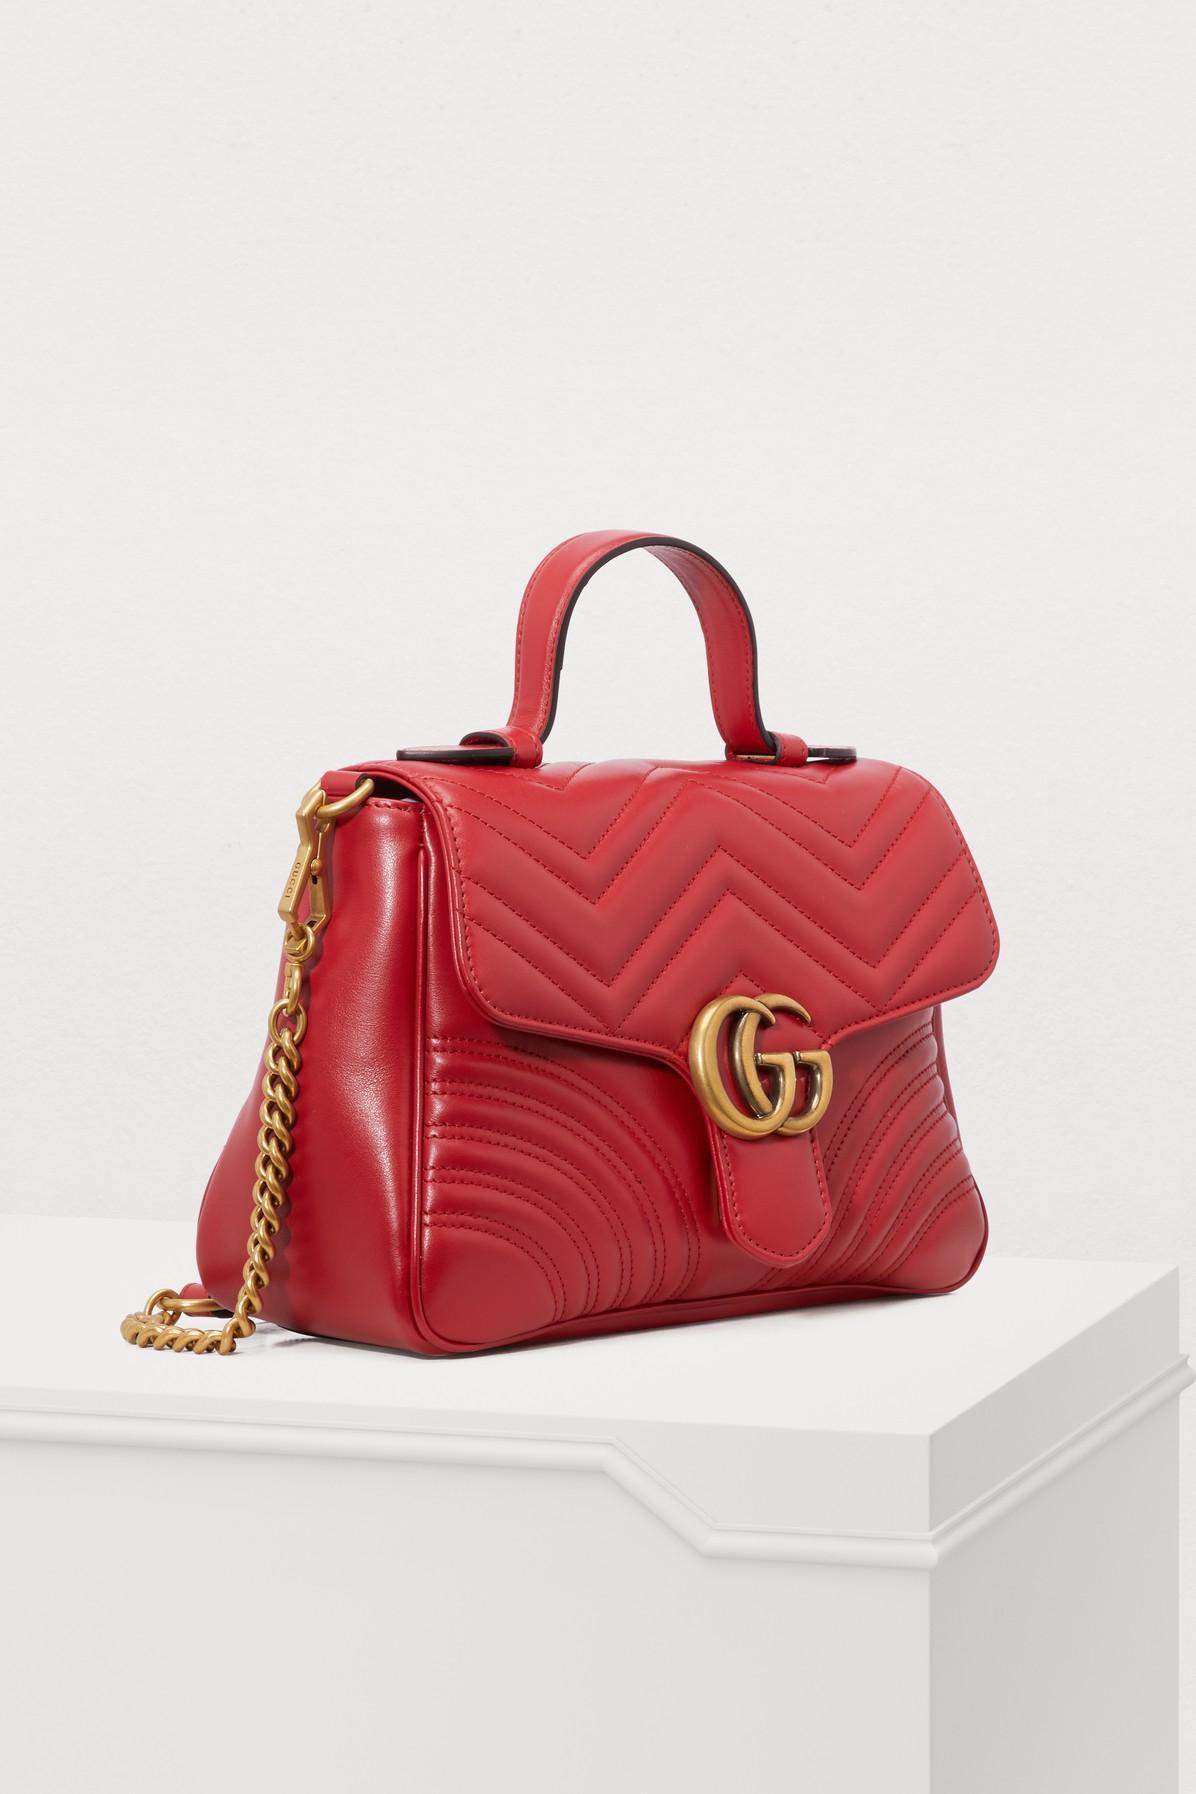 8fec383369eea0 Gucci - Red GG Marmont Matelassé Top Handle Bag - Lyst. View fullscreen